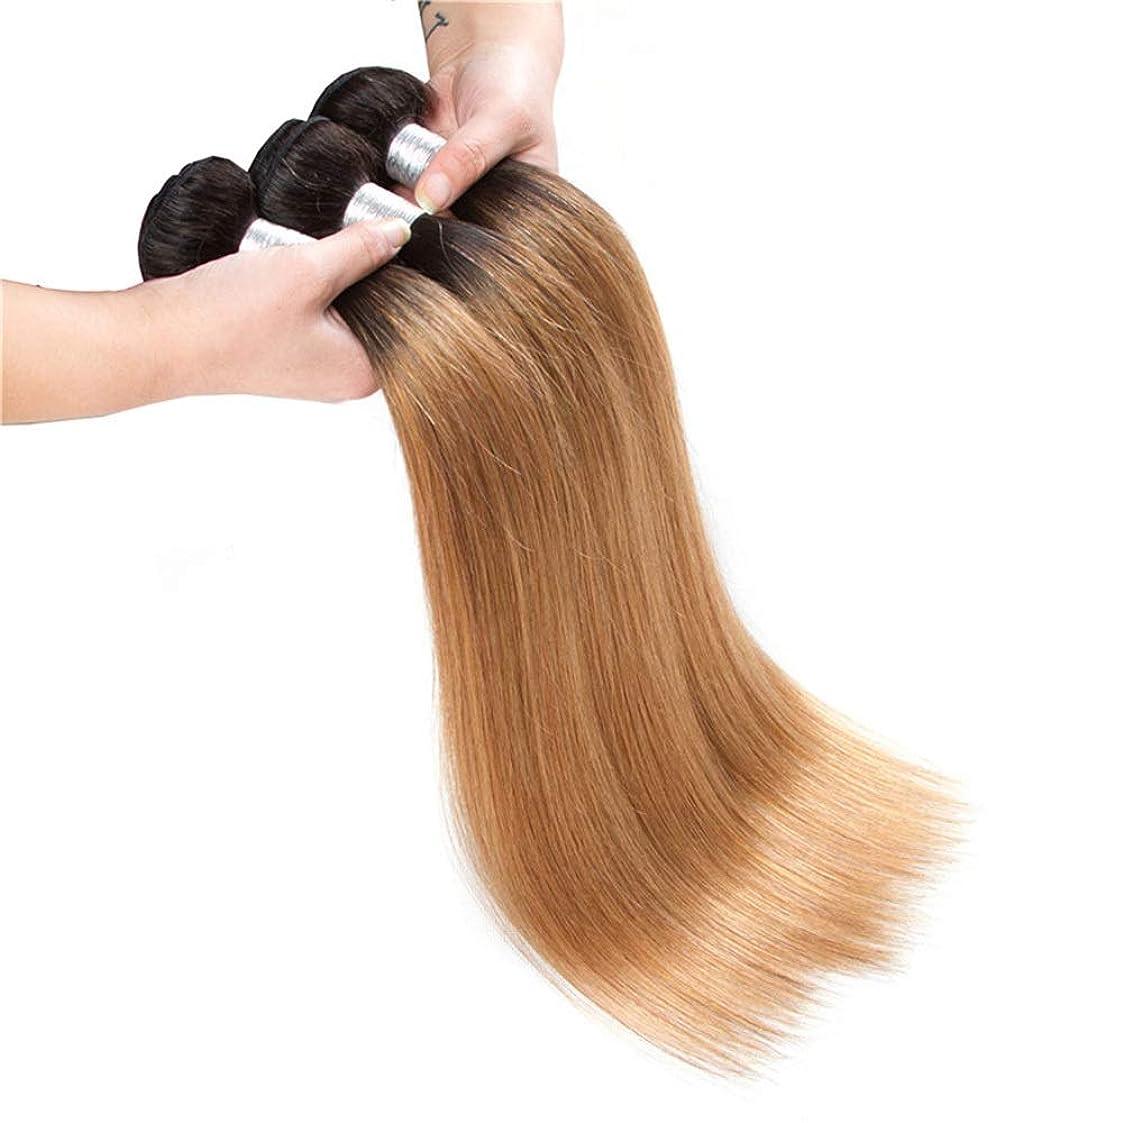 効率的にり推定HOHYLLYA 100%のremy人間の髪のよこ糸の延長10インチ26インチ1バンドルカラー1B / 27黒から茶色への2色カラーブラウンかつらロングブラウンかつらかつら (色 : ブラウン, サイズ : 18 inch)